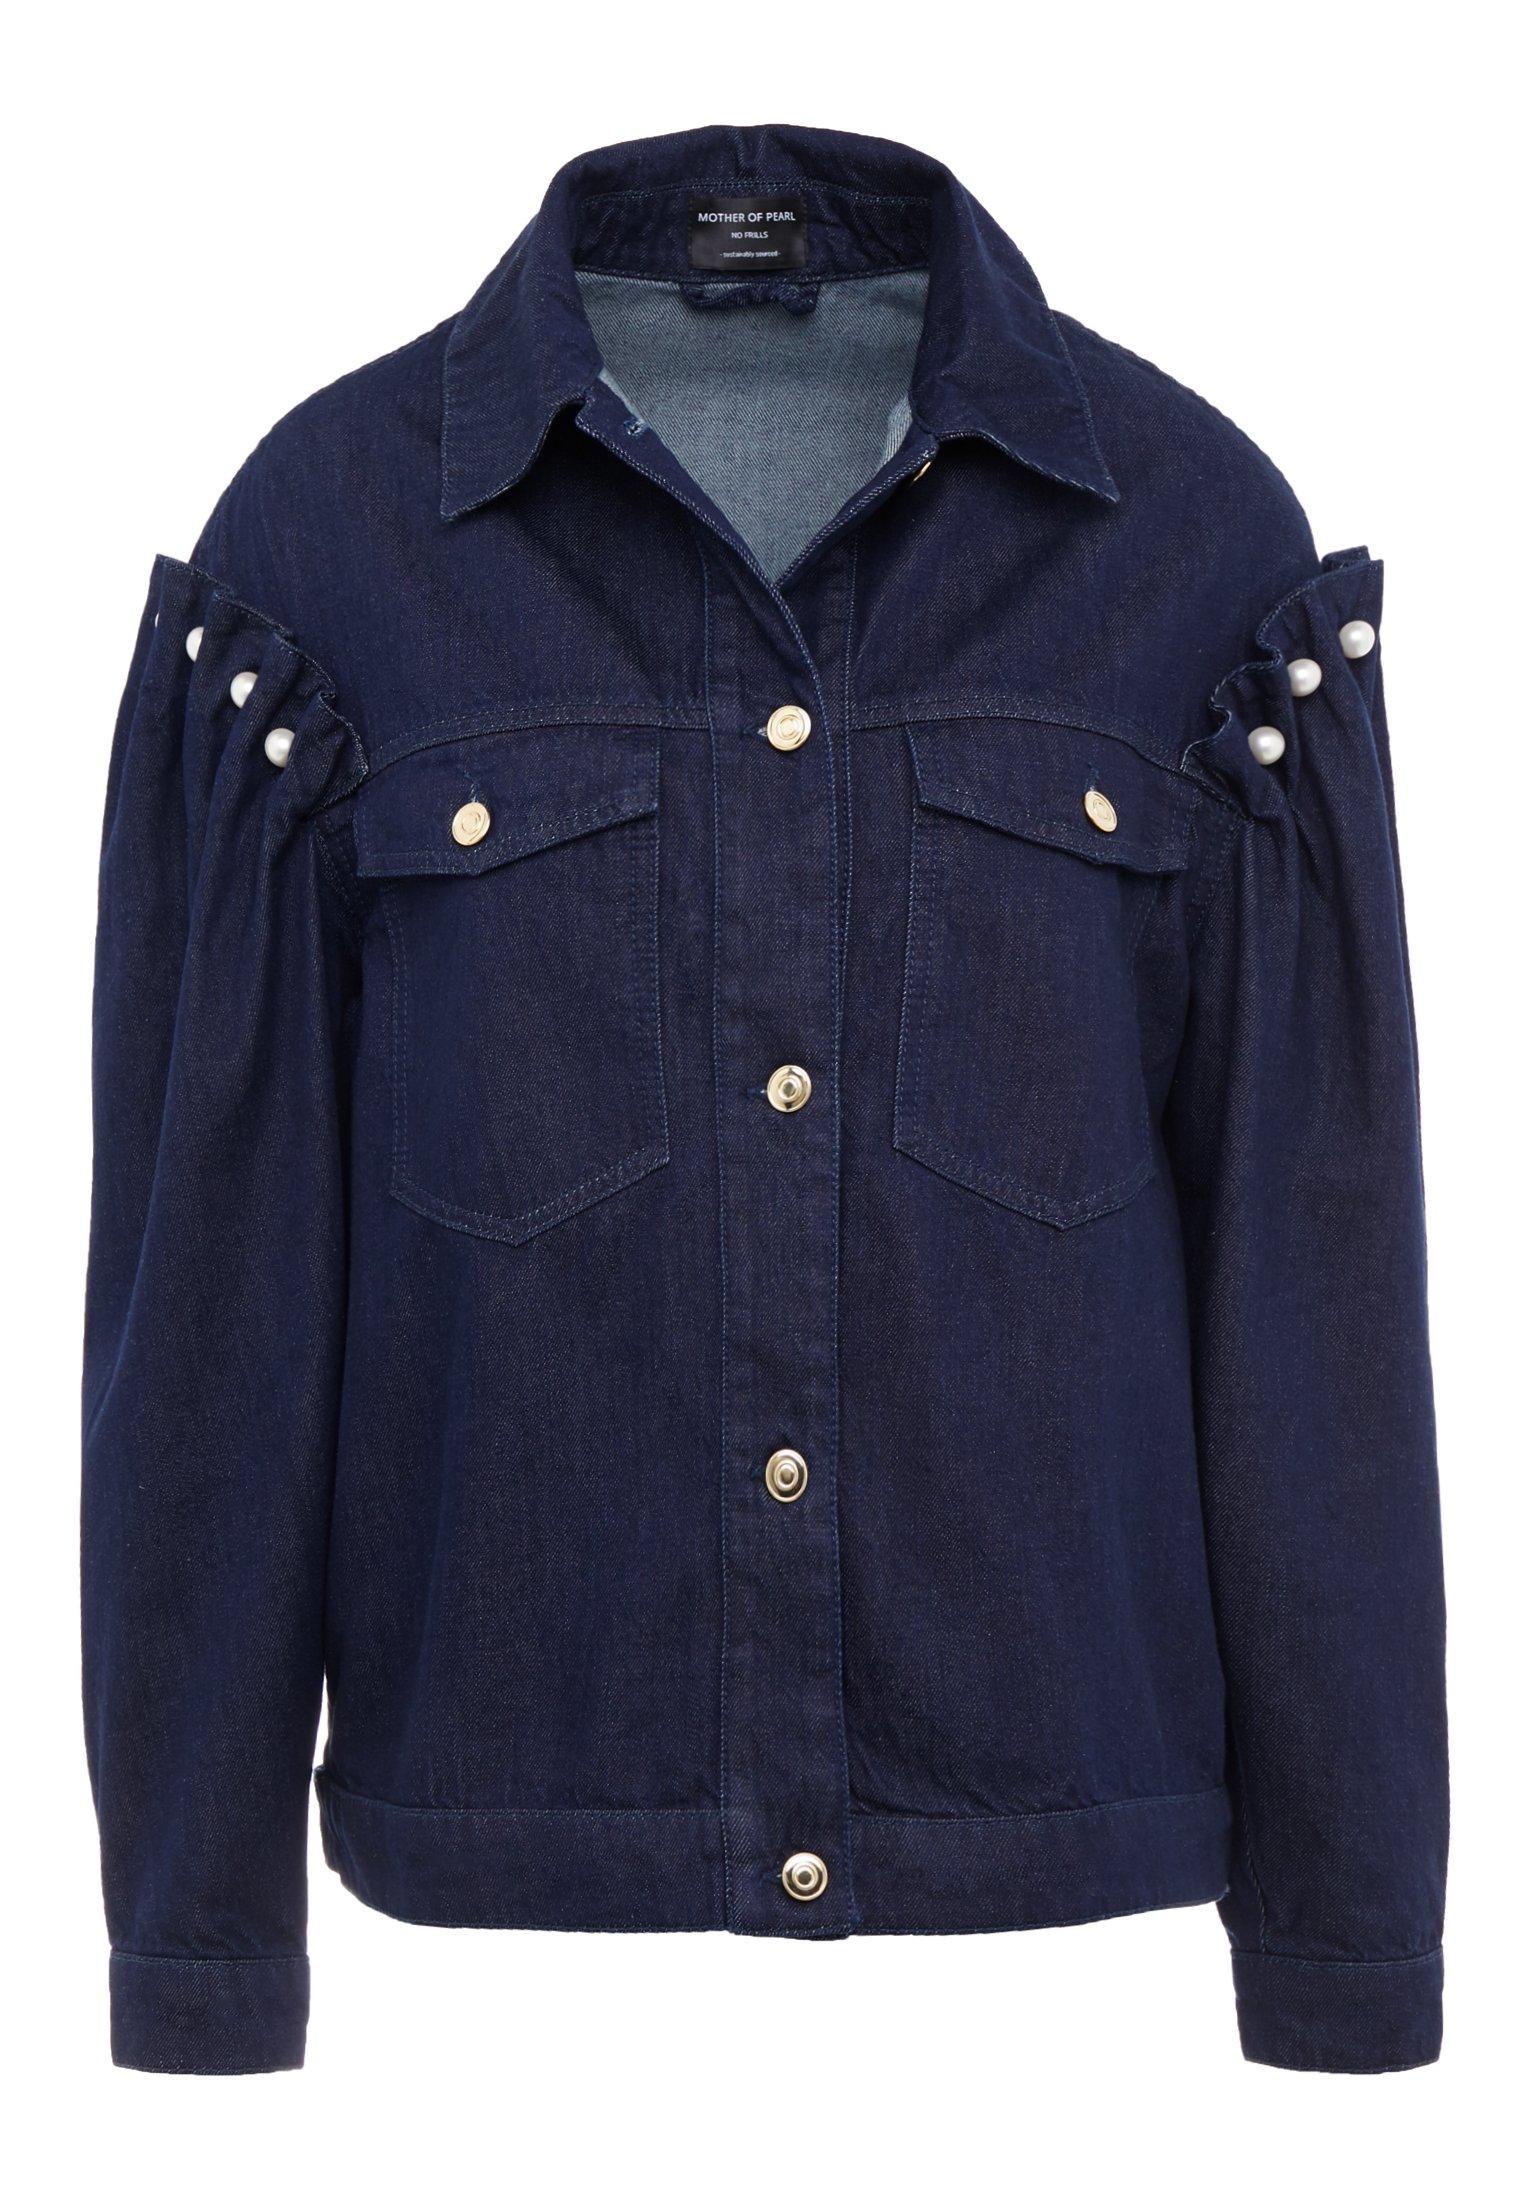 Mother Of Pearl Brennon Jacket - Spijkerjas Blue wkjw8Kpa